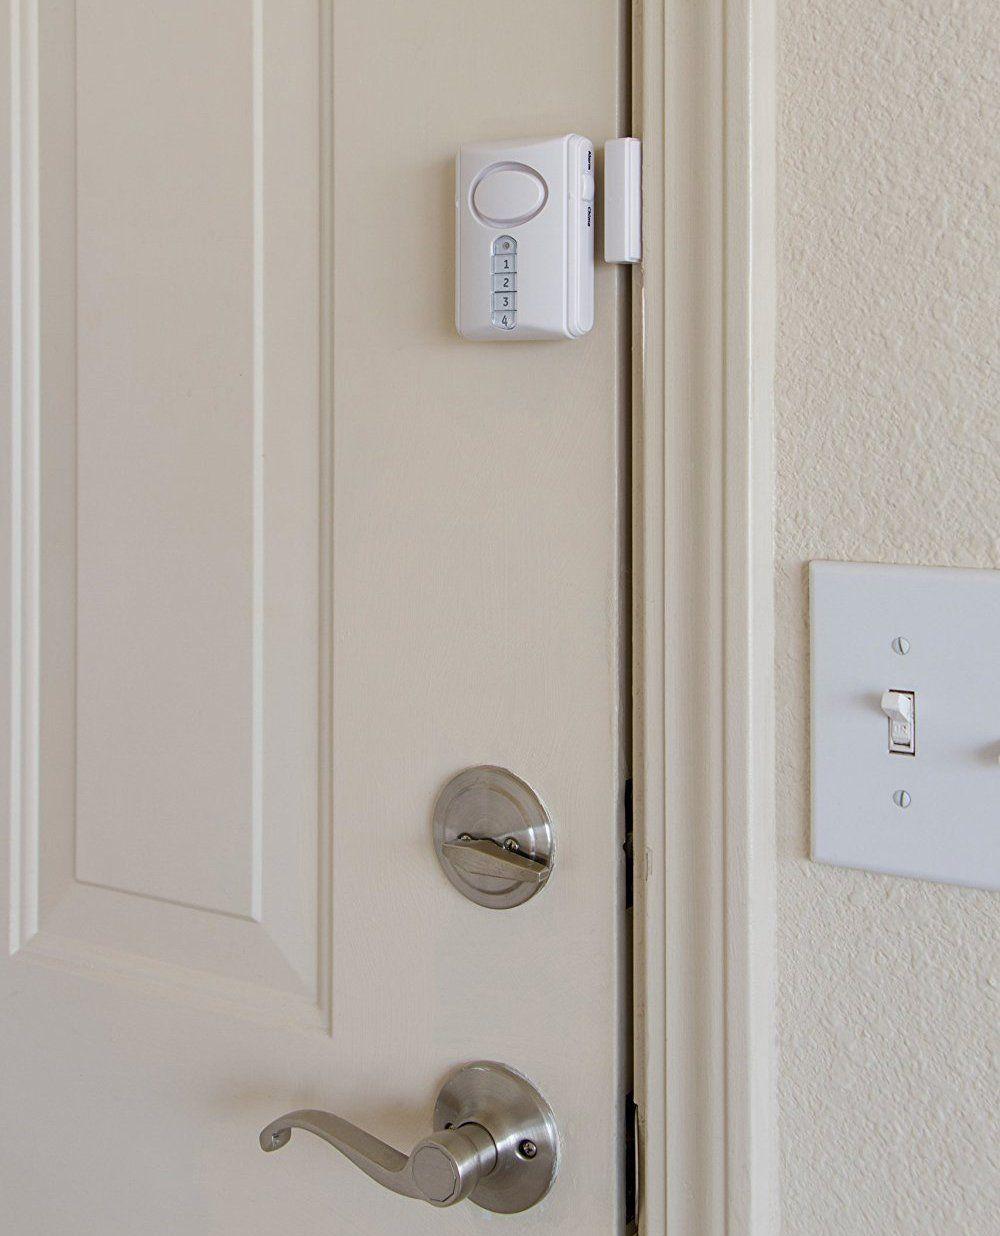 Ge Deluxe Wireless Door Alarm 120 Decibel Alarm Or Entry Chime Indoor Personal Security Wit Wireless Alarm System Home Security Systems Home Security Alarm